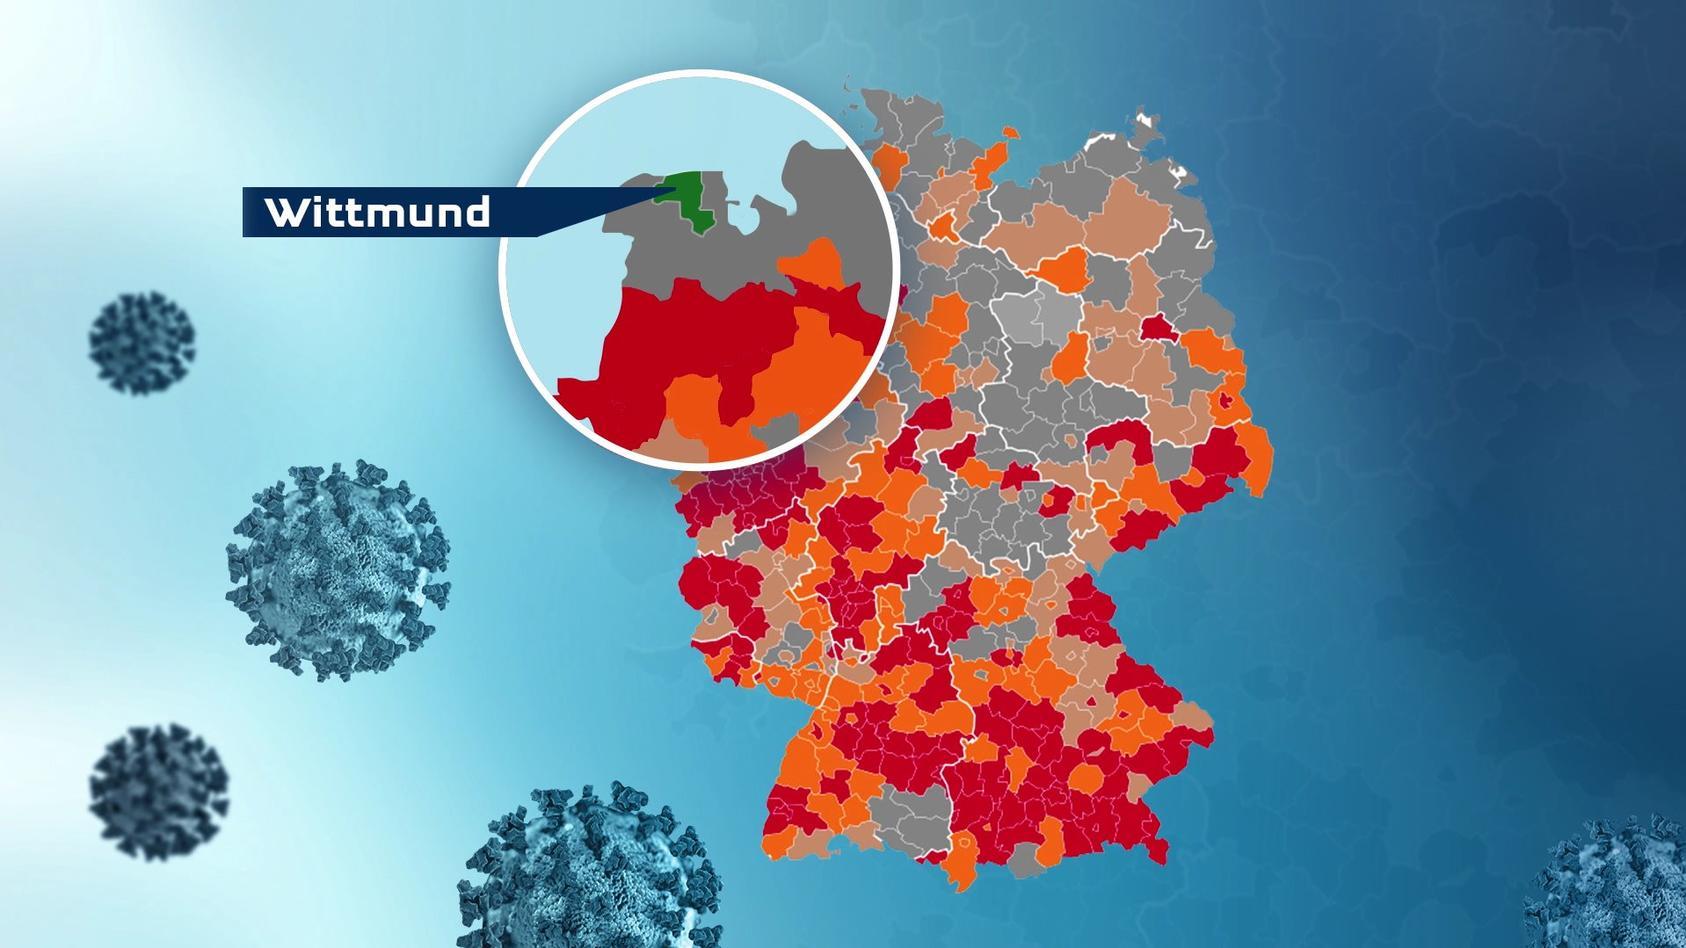 Landkarte: Wo liegt Wittmund